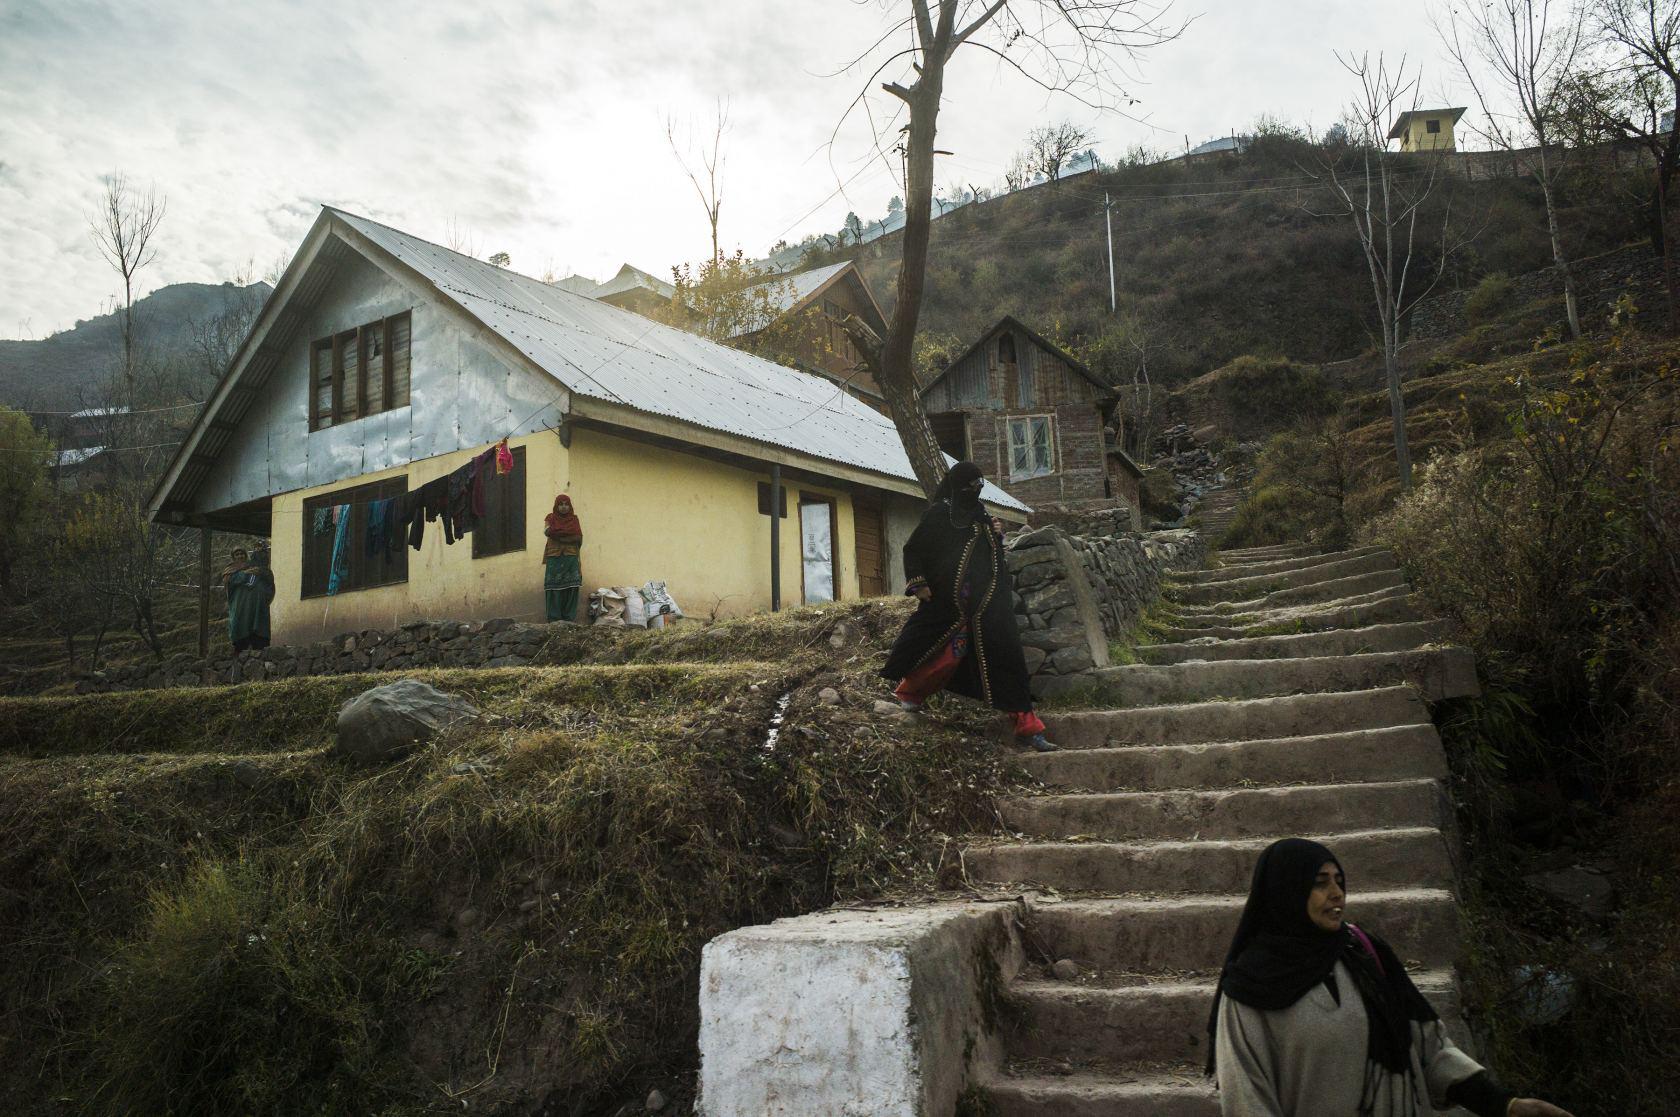 Journée normale à Uri, située du côté Indien de la frontièreCrédits : Sami Siva